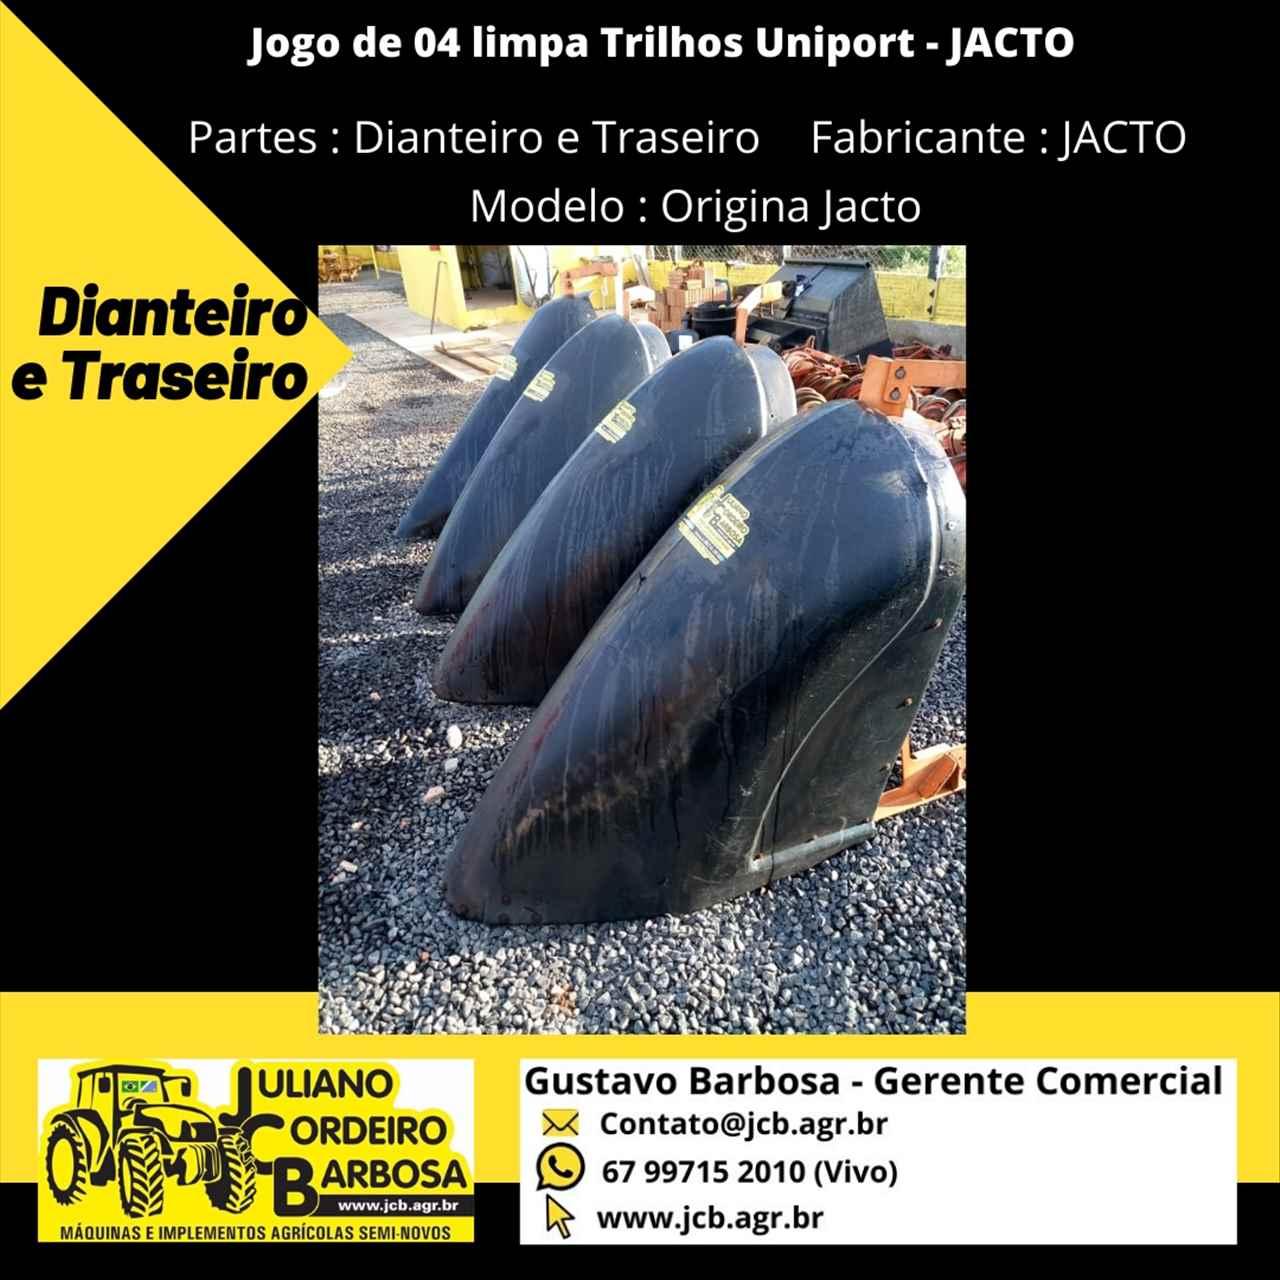 Jogo de 04 limpa Trilhos Uniport - JACTO